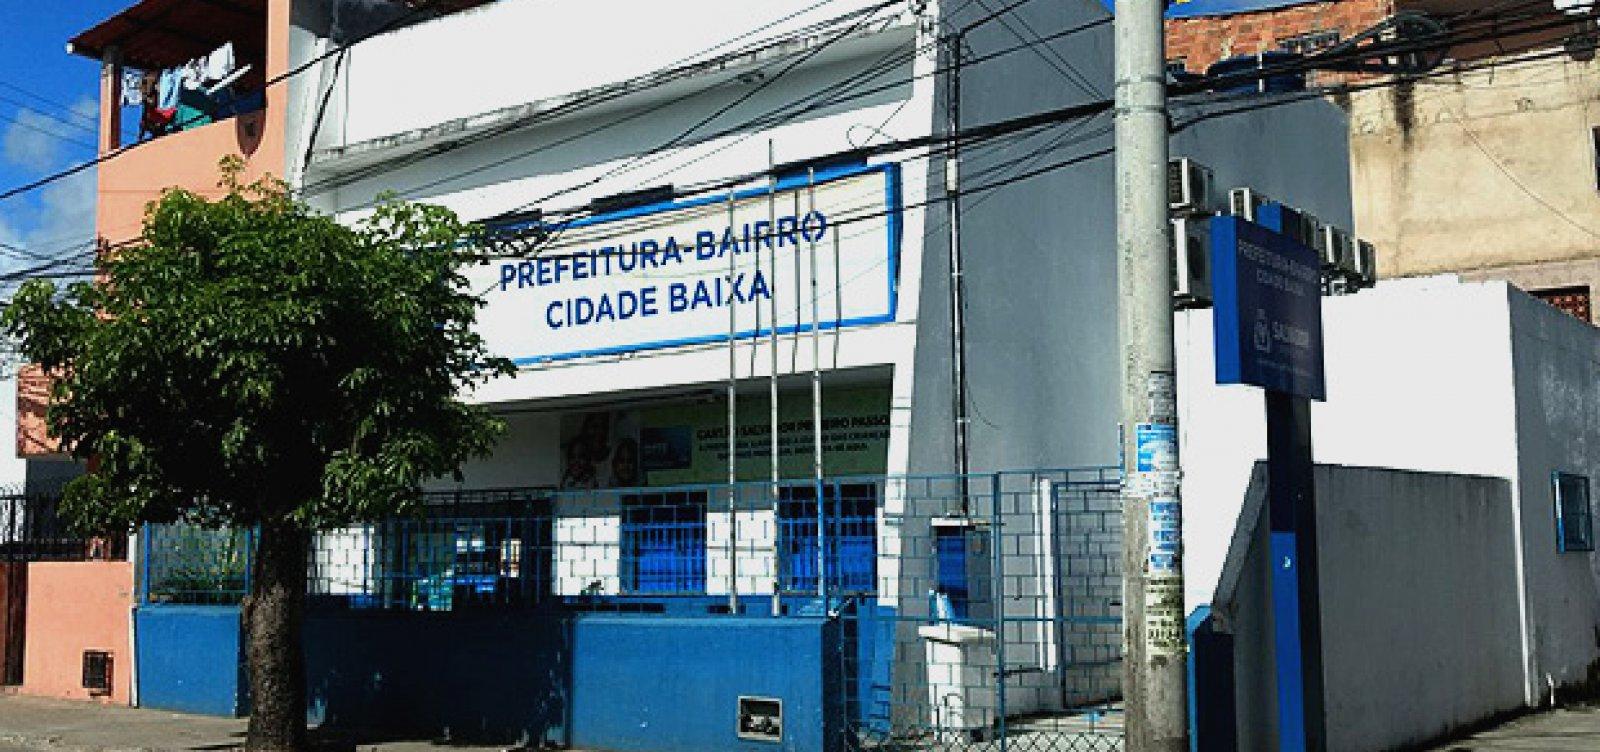 Prefeituras-Bairro terão agendamento com hora marcada pela internet